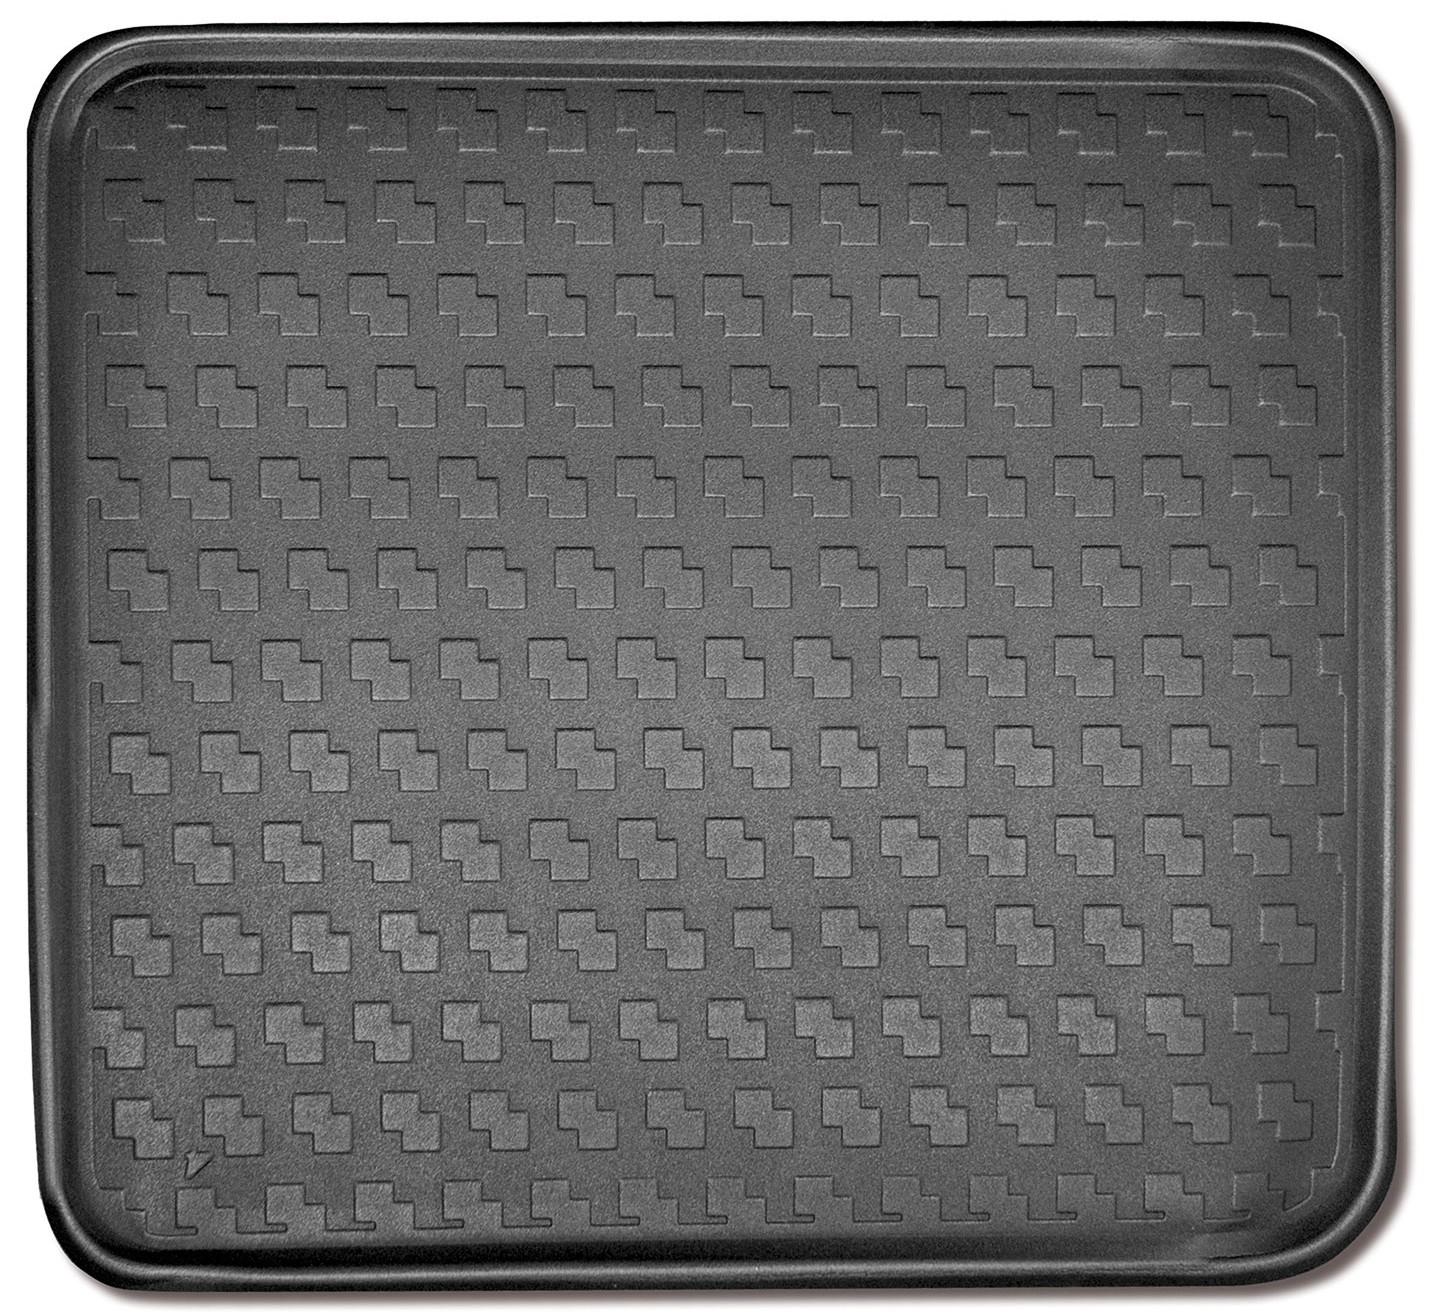 Kofferraummatte / Allzweckschale Größe 4 90x100x3cm Bild 1